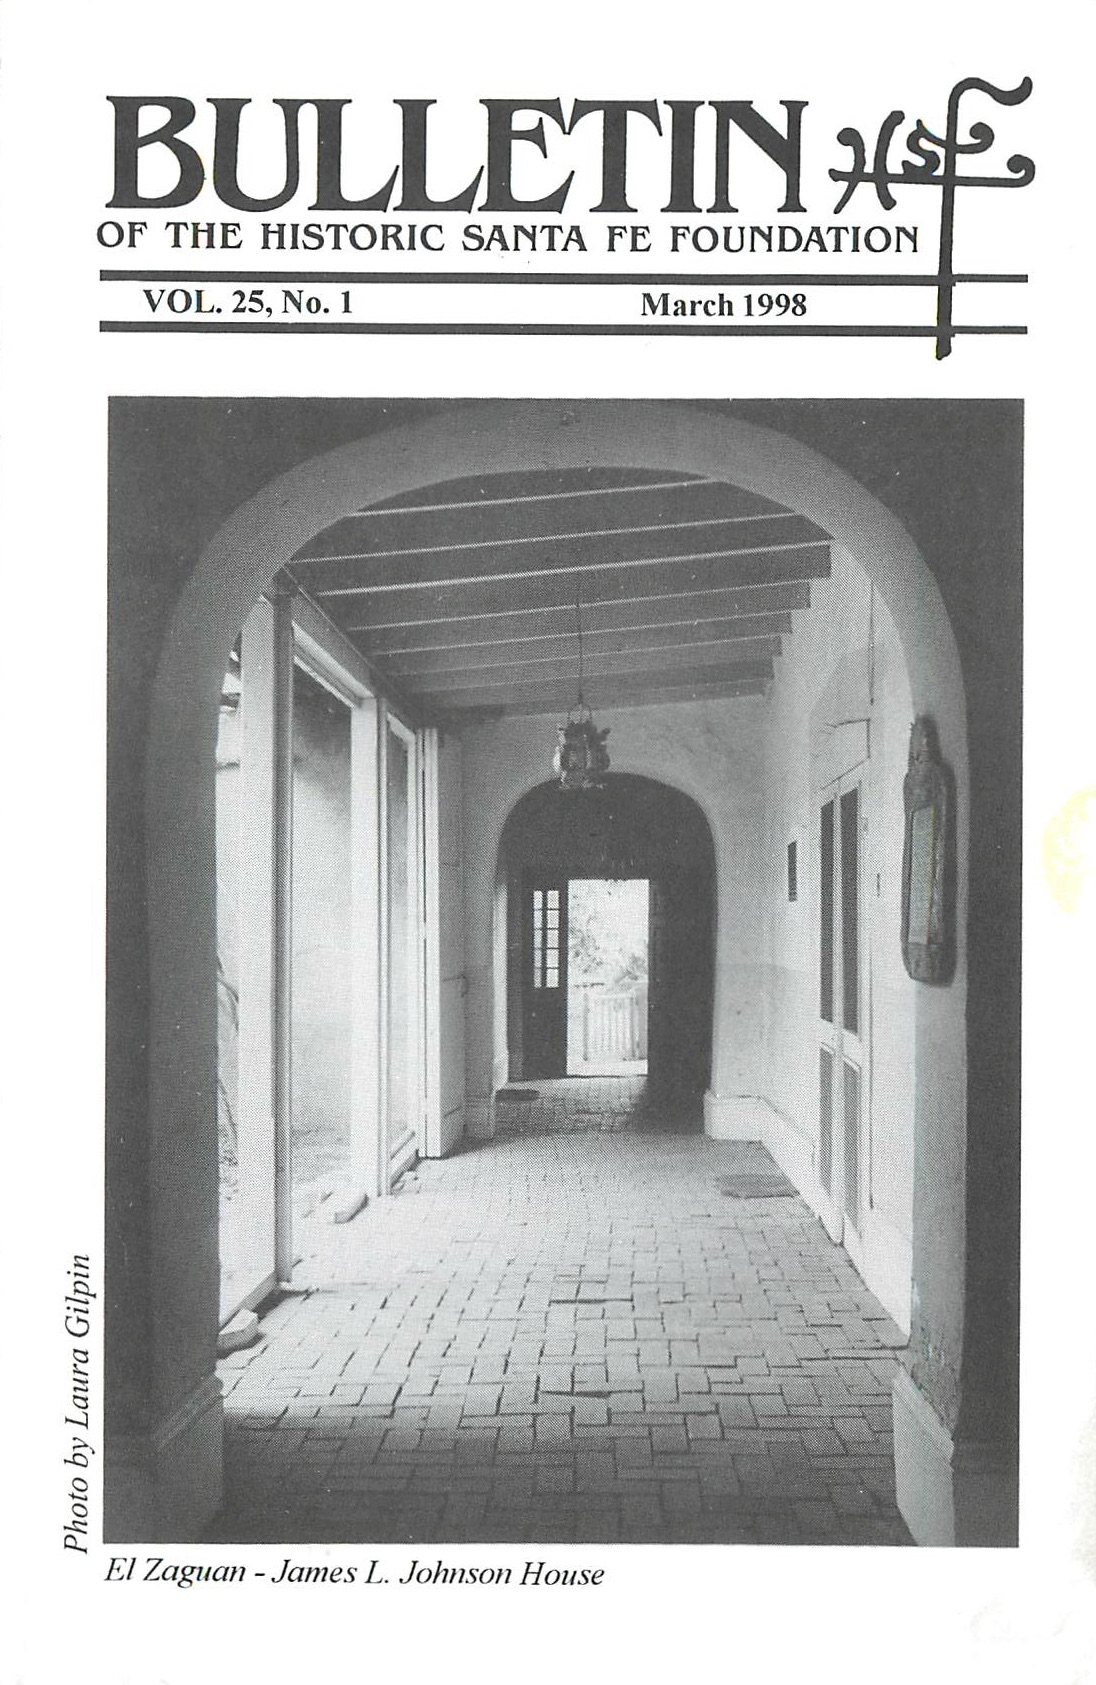 1998 HSFF Bulletin Vol.25 No.1 Cover